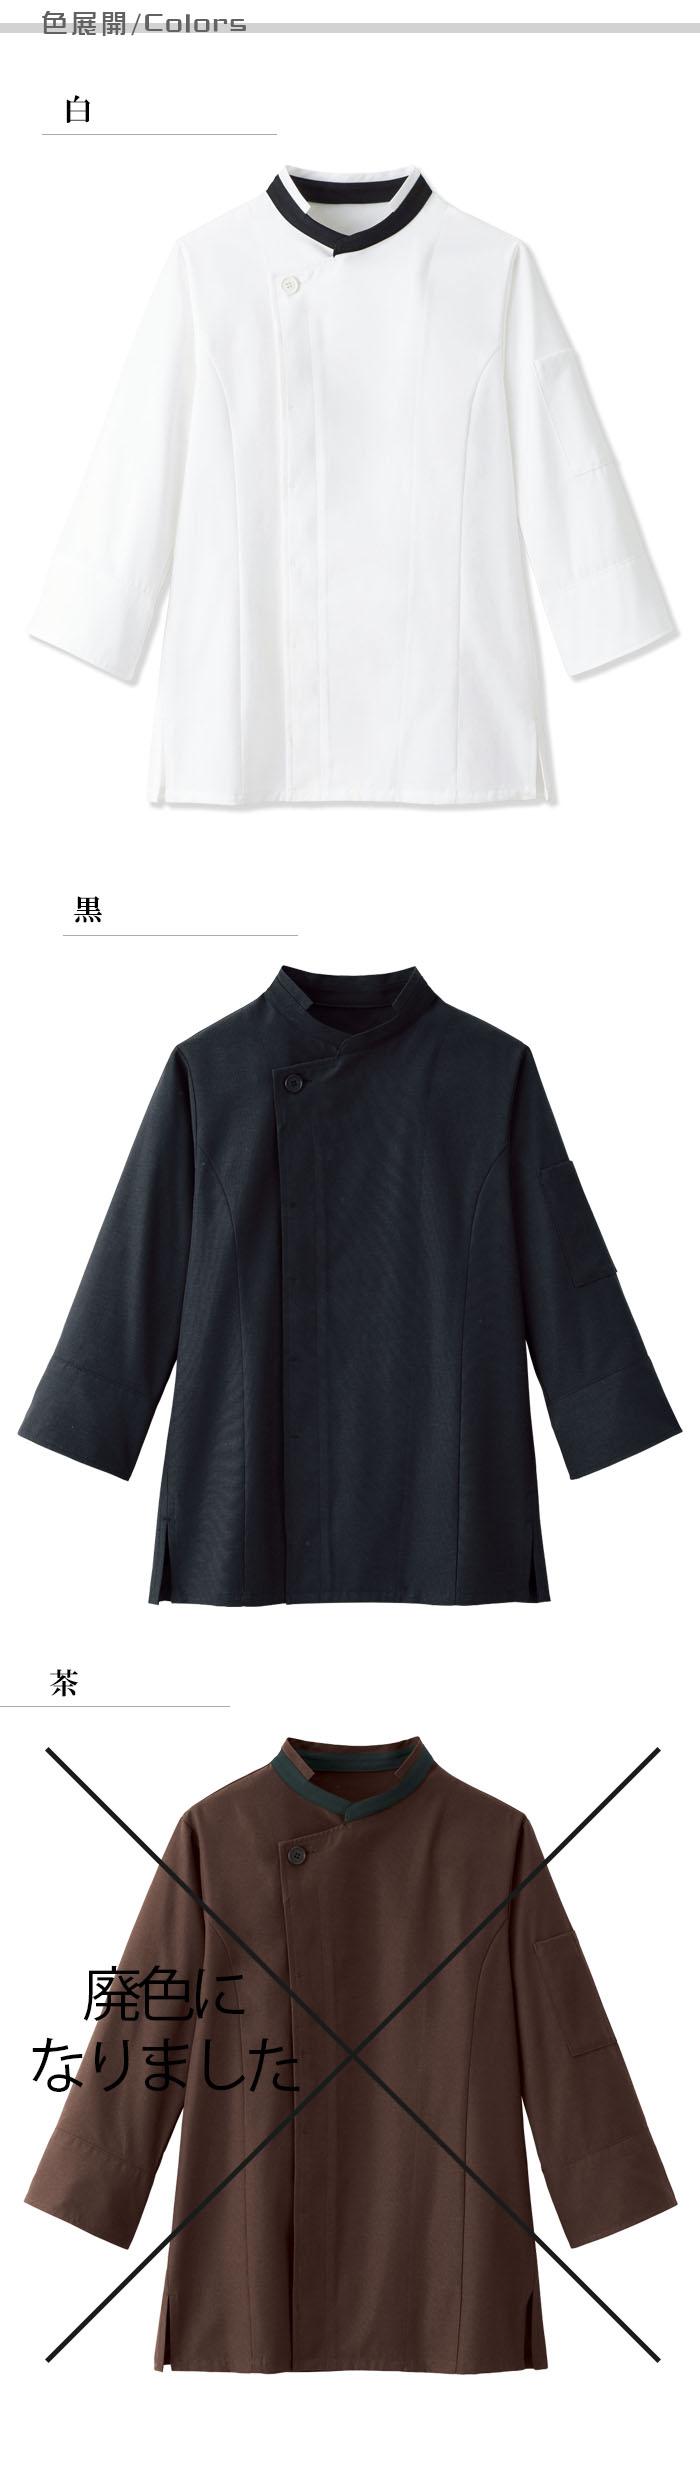 飲食店販売制服 コックコート 長袖、七分袖にも 白 黒 茶 男女兼用 コラボレーション商品   商品色展開説明